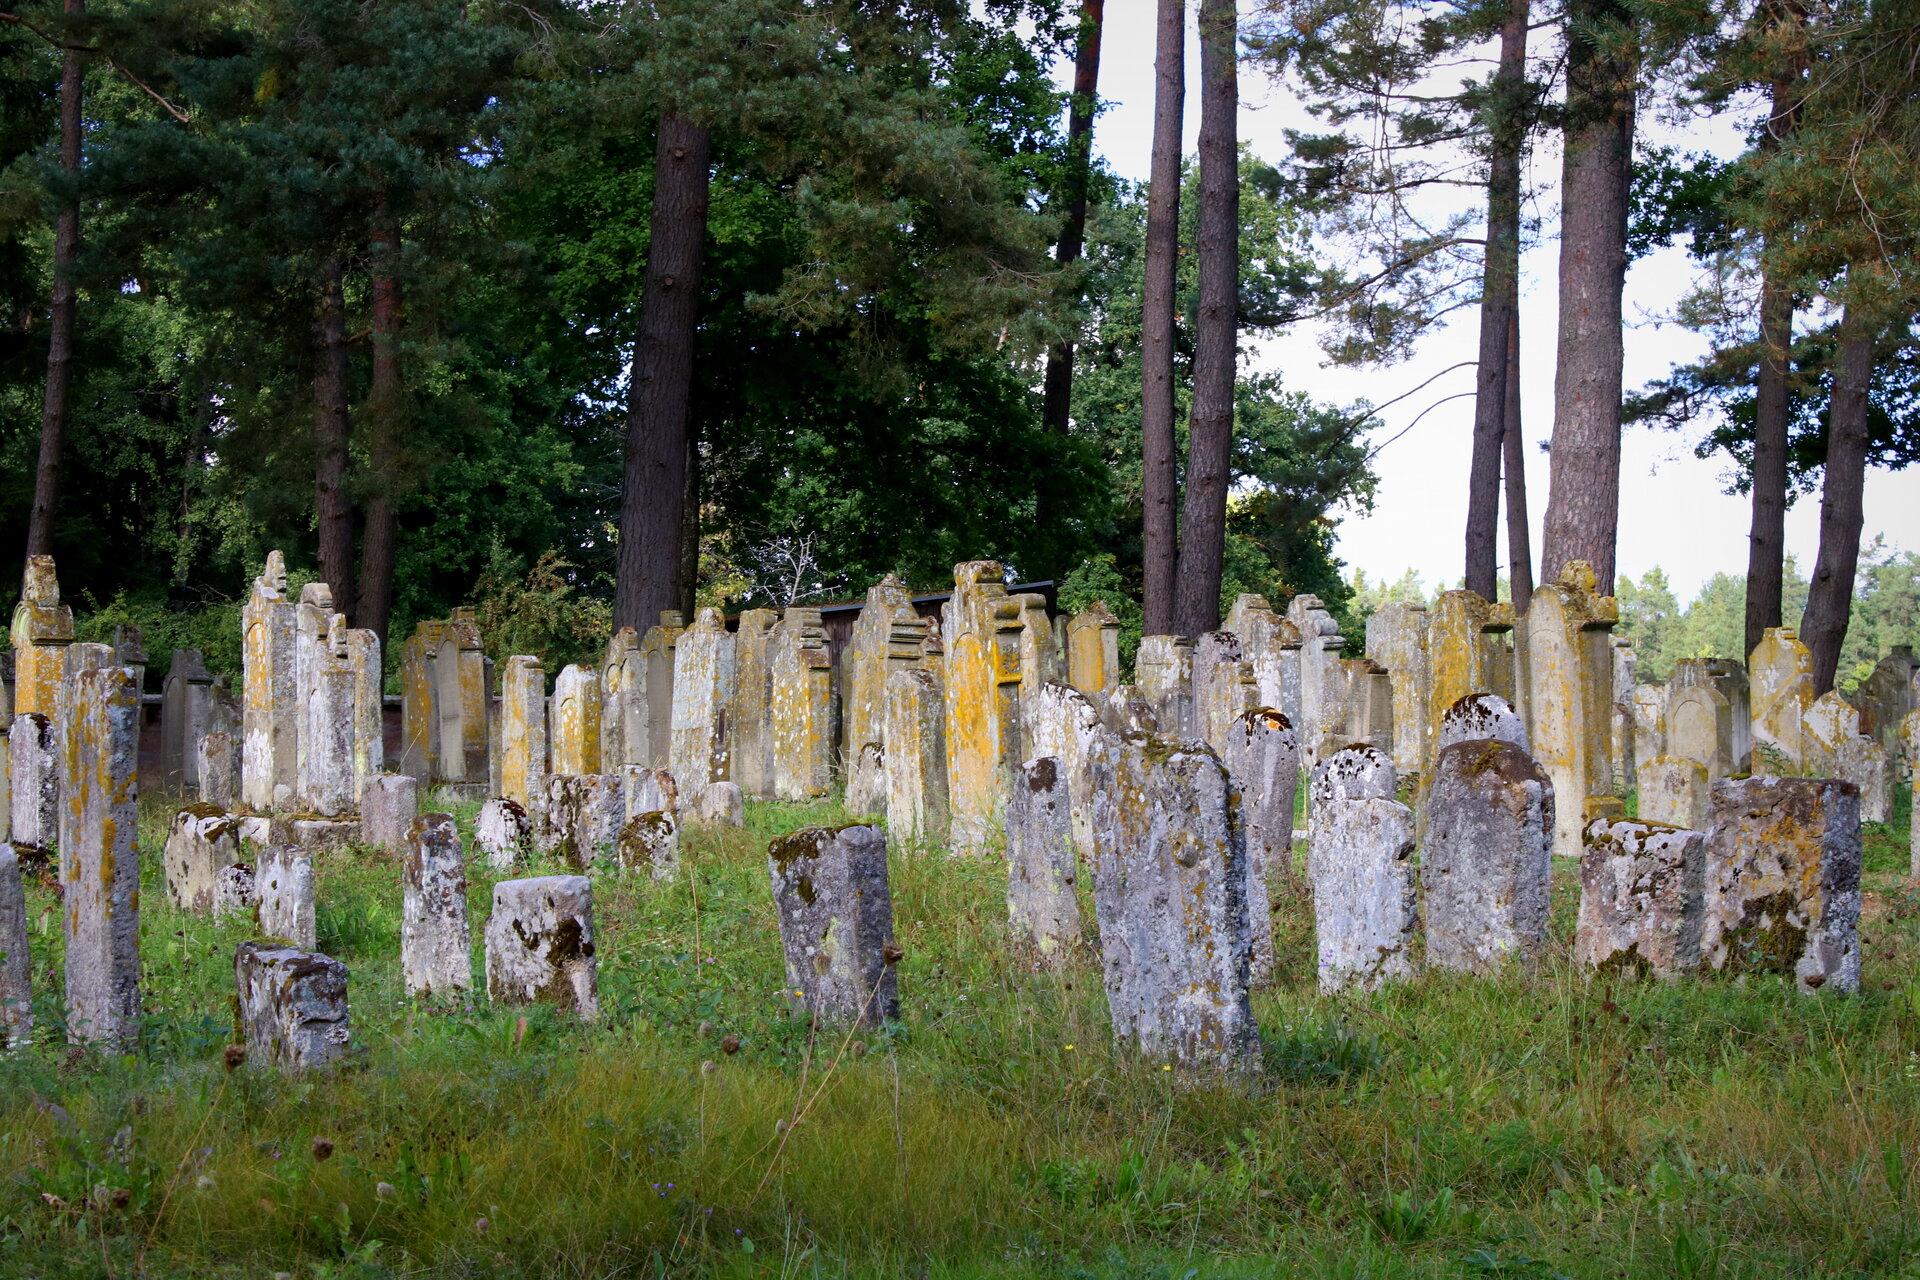 Jüdischer Friedhof Bechhofen